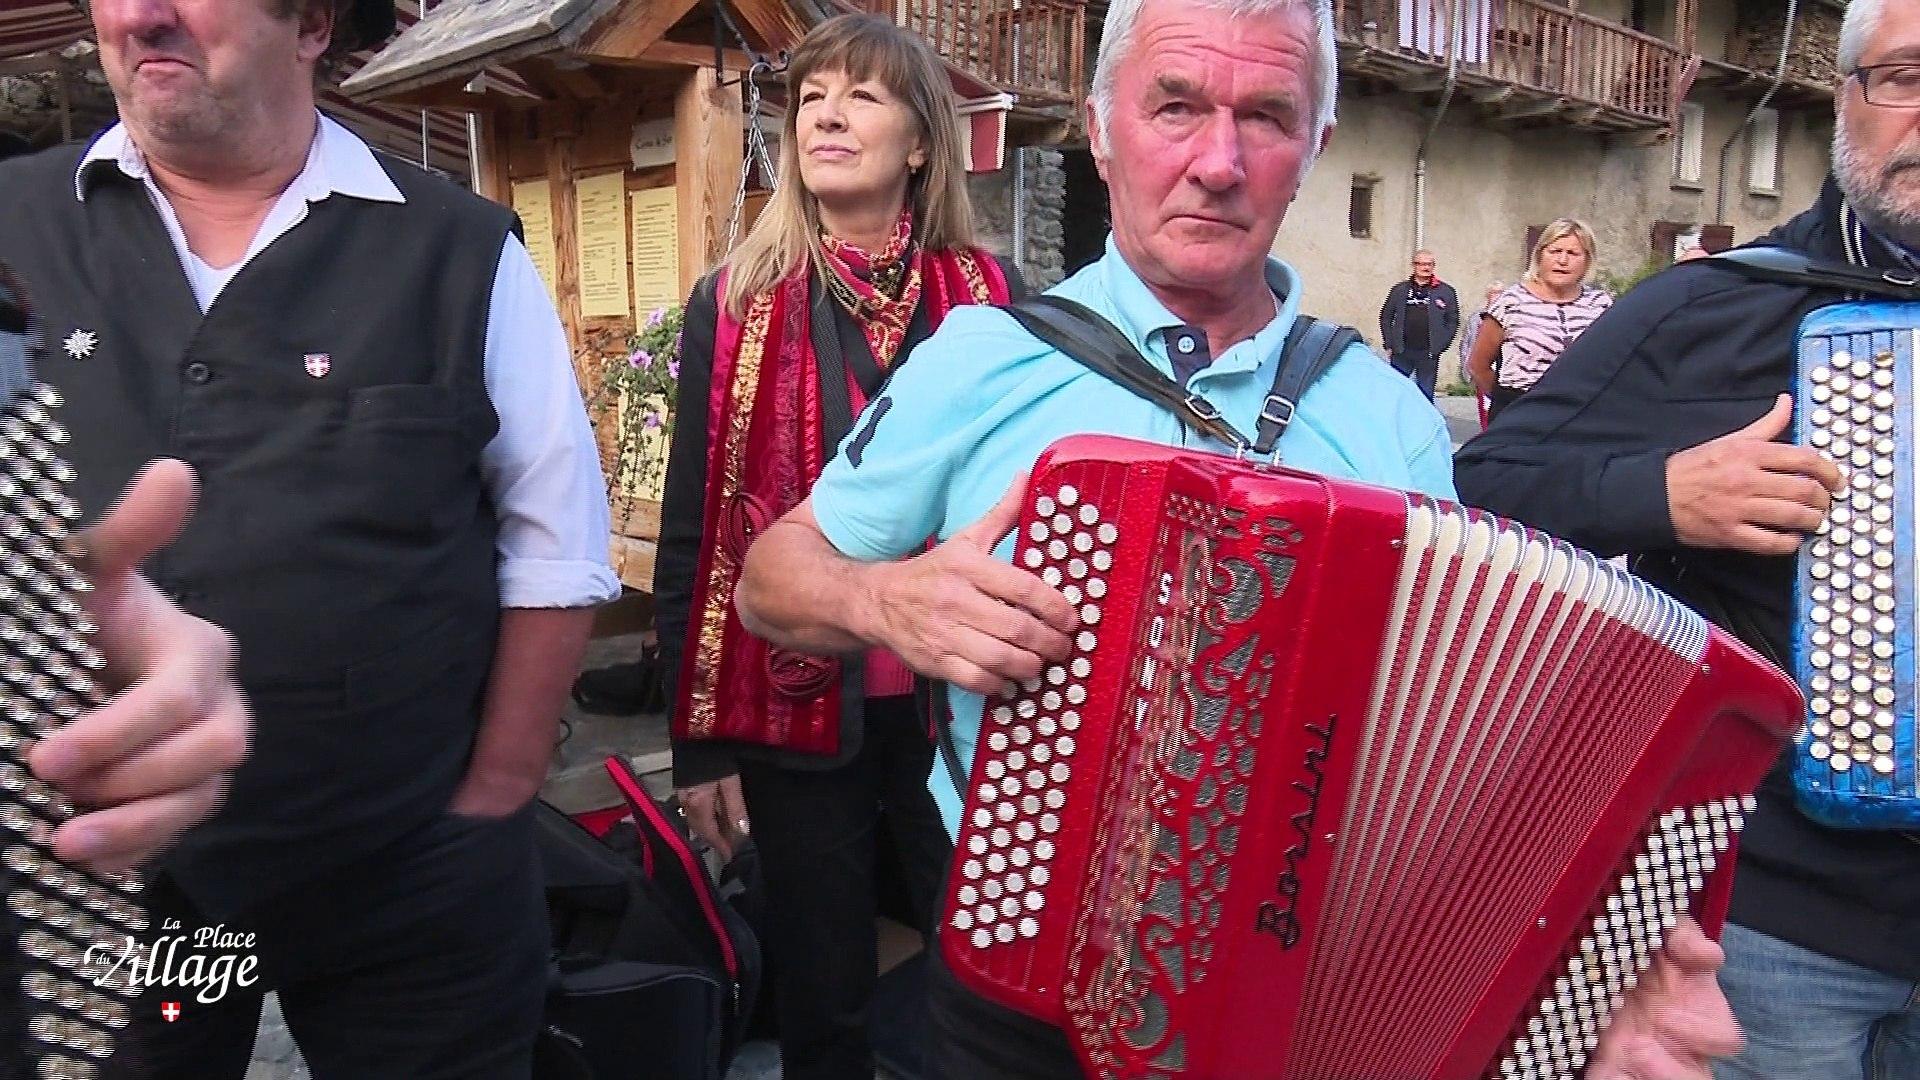 La Place du Village [S.1][E.93] - S1:E 93 - Gens et chants de l'Alpe (épisode 2)